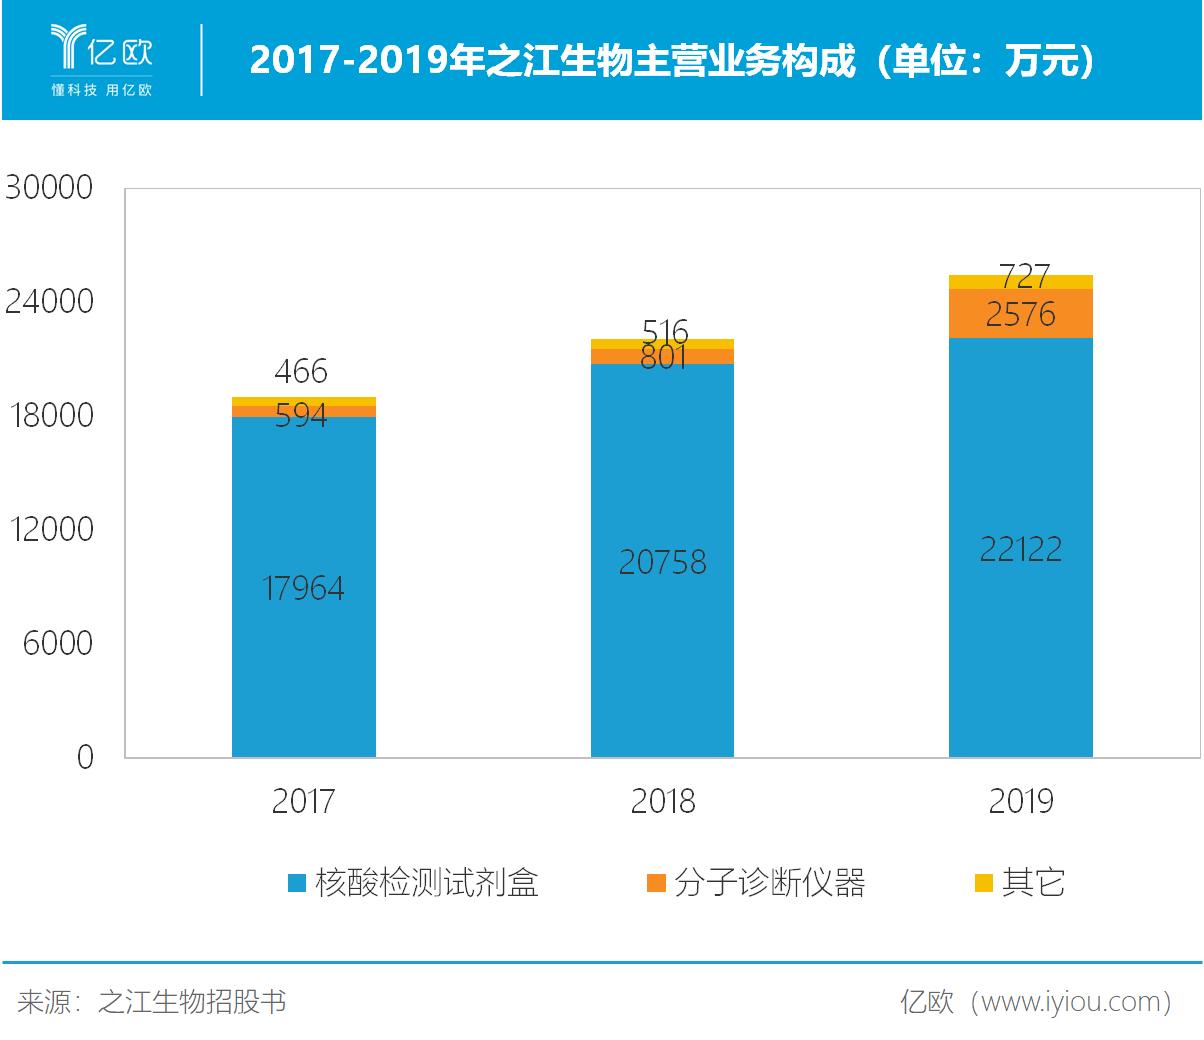 2017-2019年之江生物主营业务构成